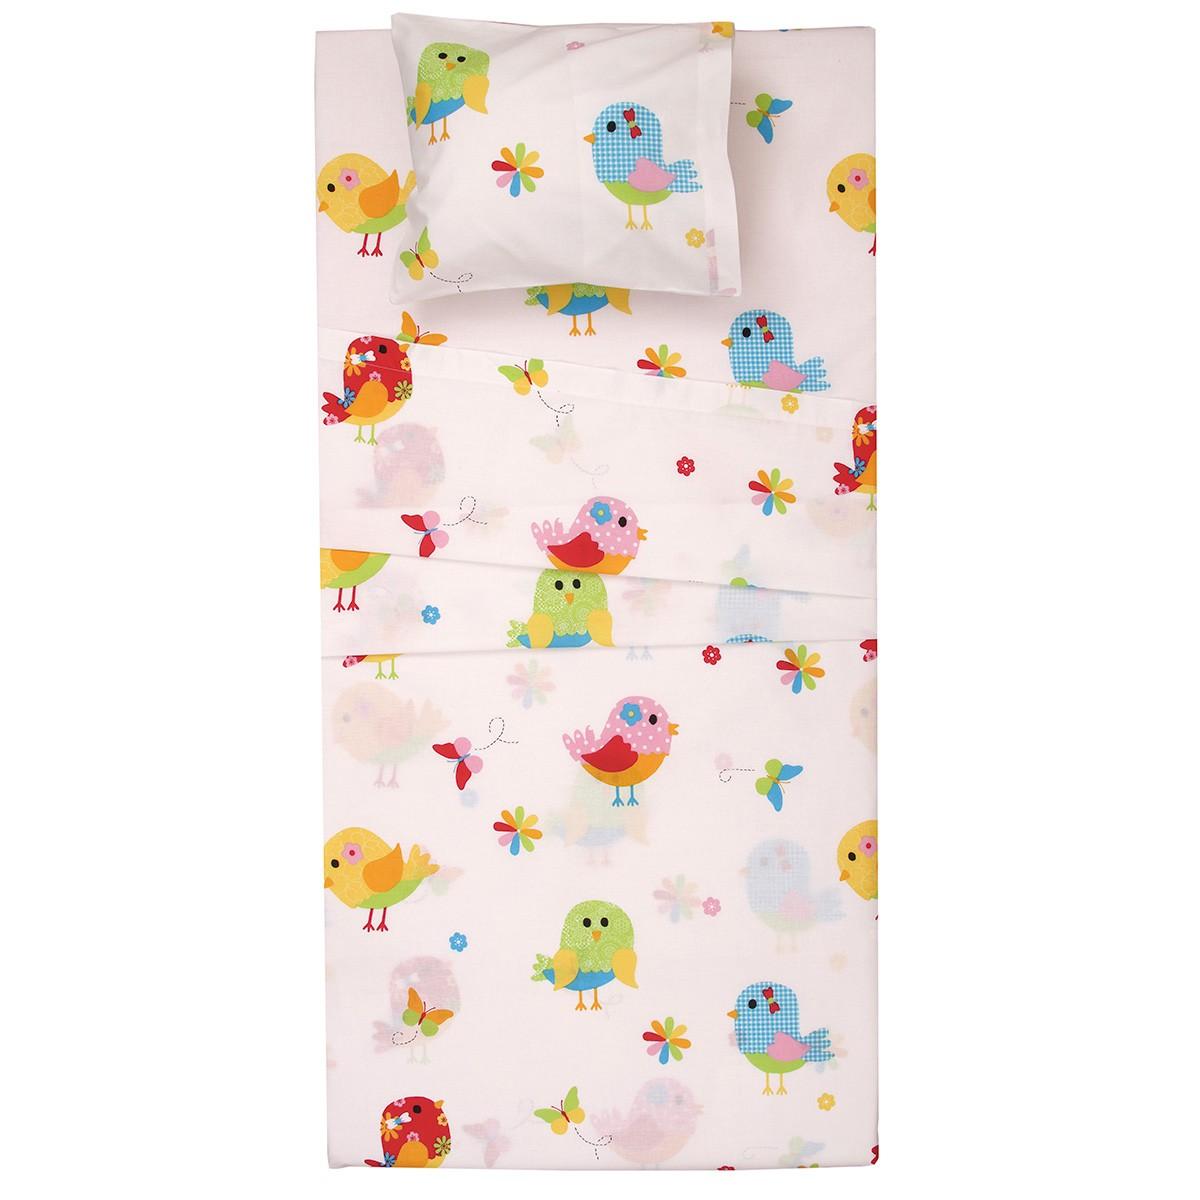 Κουβερλί Κούνιας (Σετ) Viopros Baby Cotton Μπέρντι